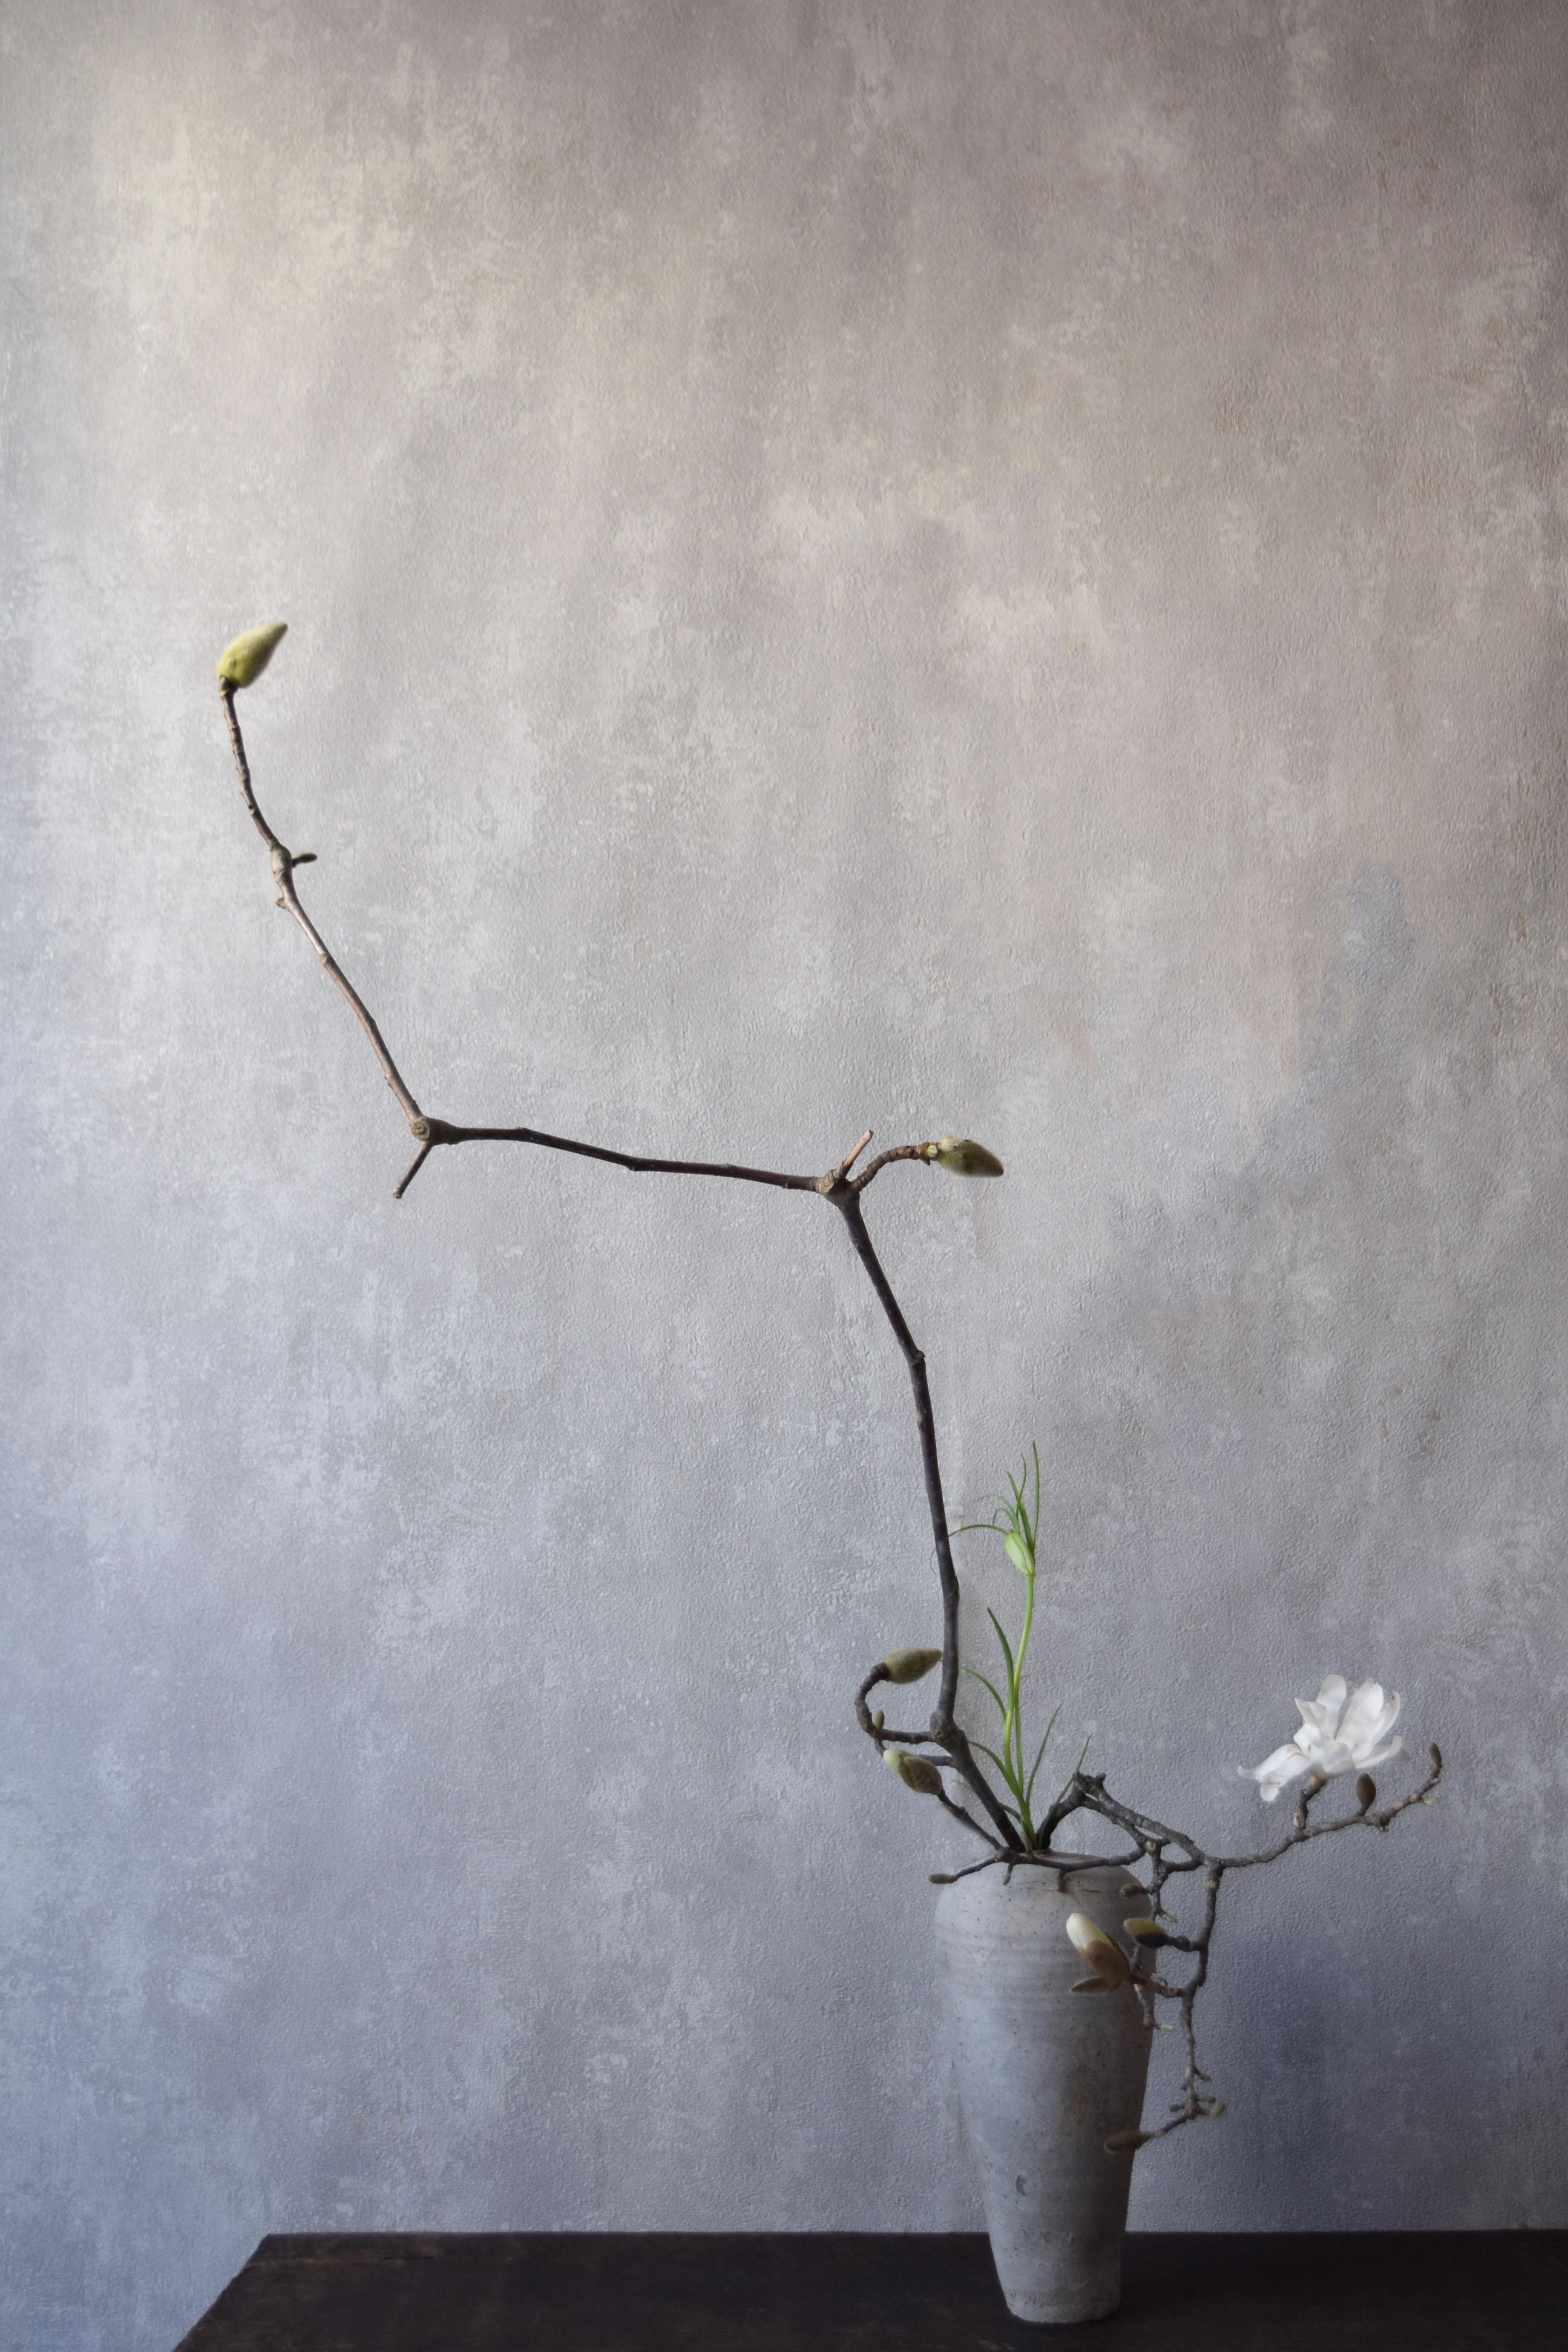 烏山結貴、ca-koのウェブサイトです。四季折々の道草。心にとまった身近な草花を、小さな発見を楽しみながら出会った器に合わせています。抛入花の写真です。辛夷、貝母を入れました。